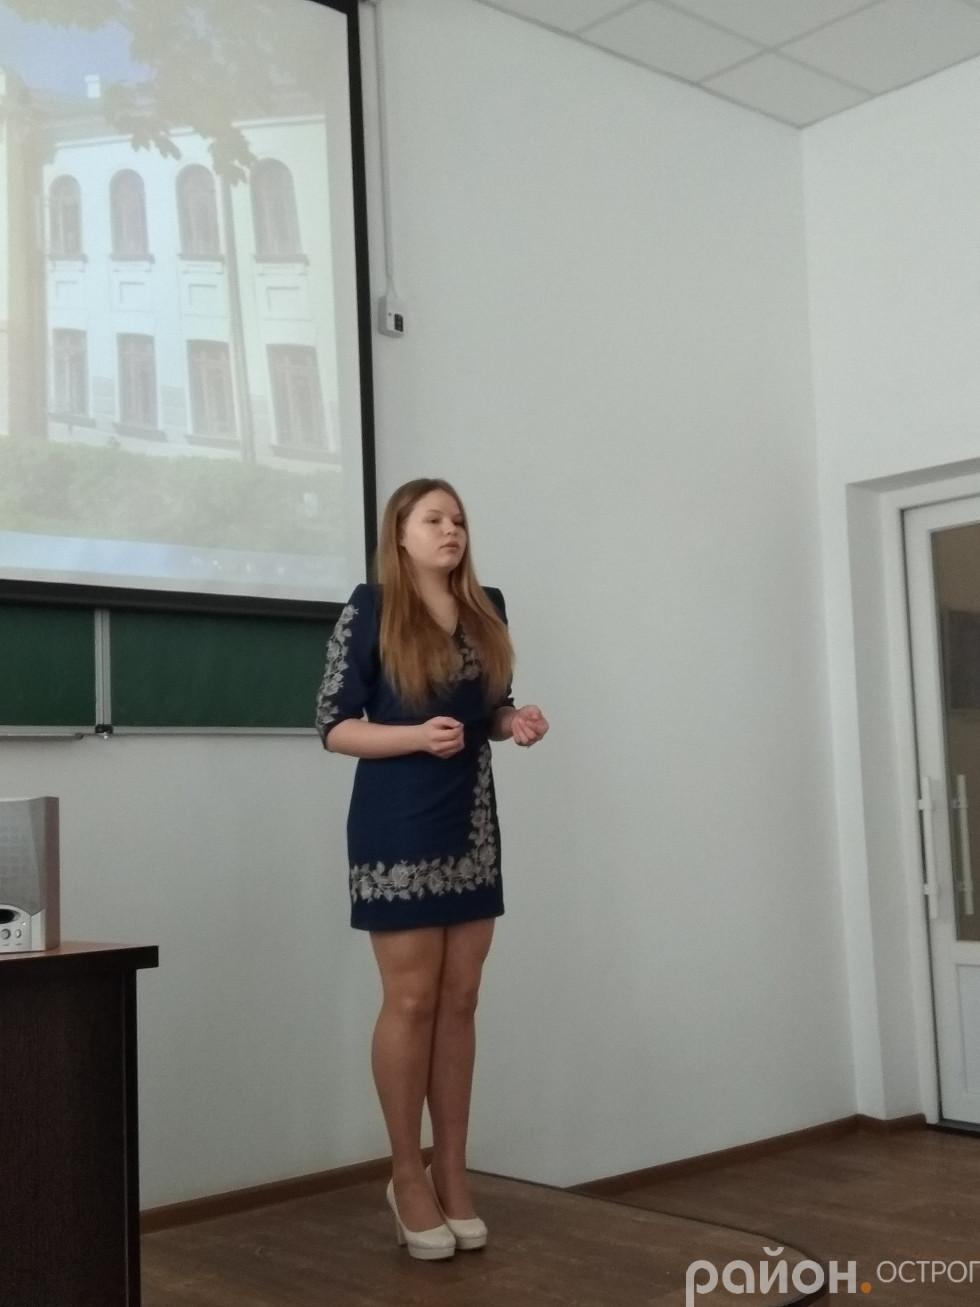 Легейзюк Ілона читає вірш Ліни Костенко